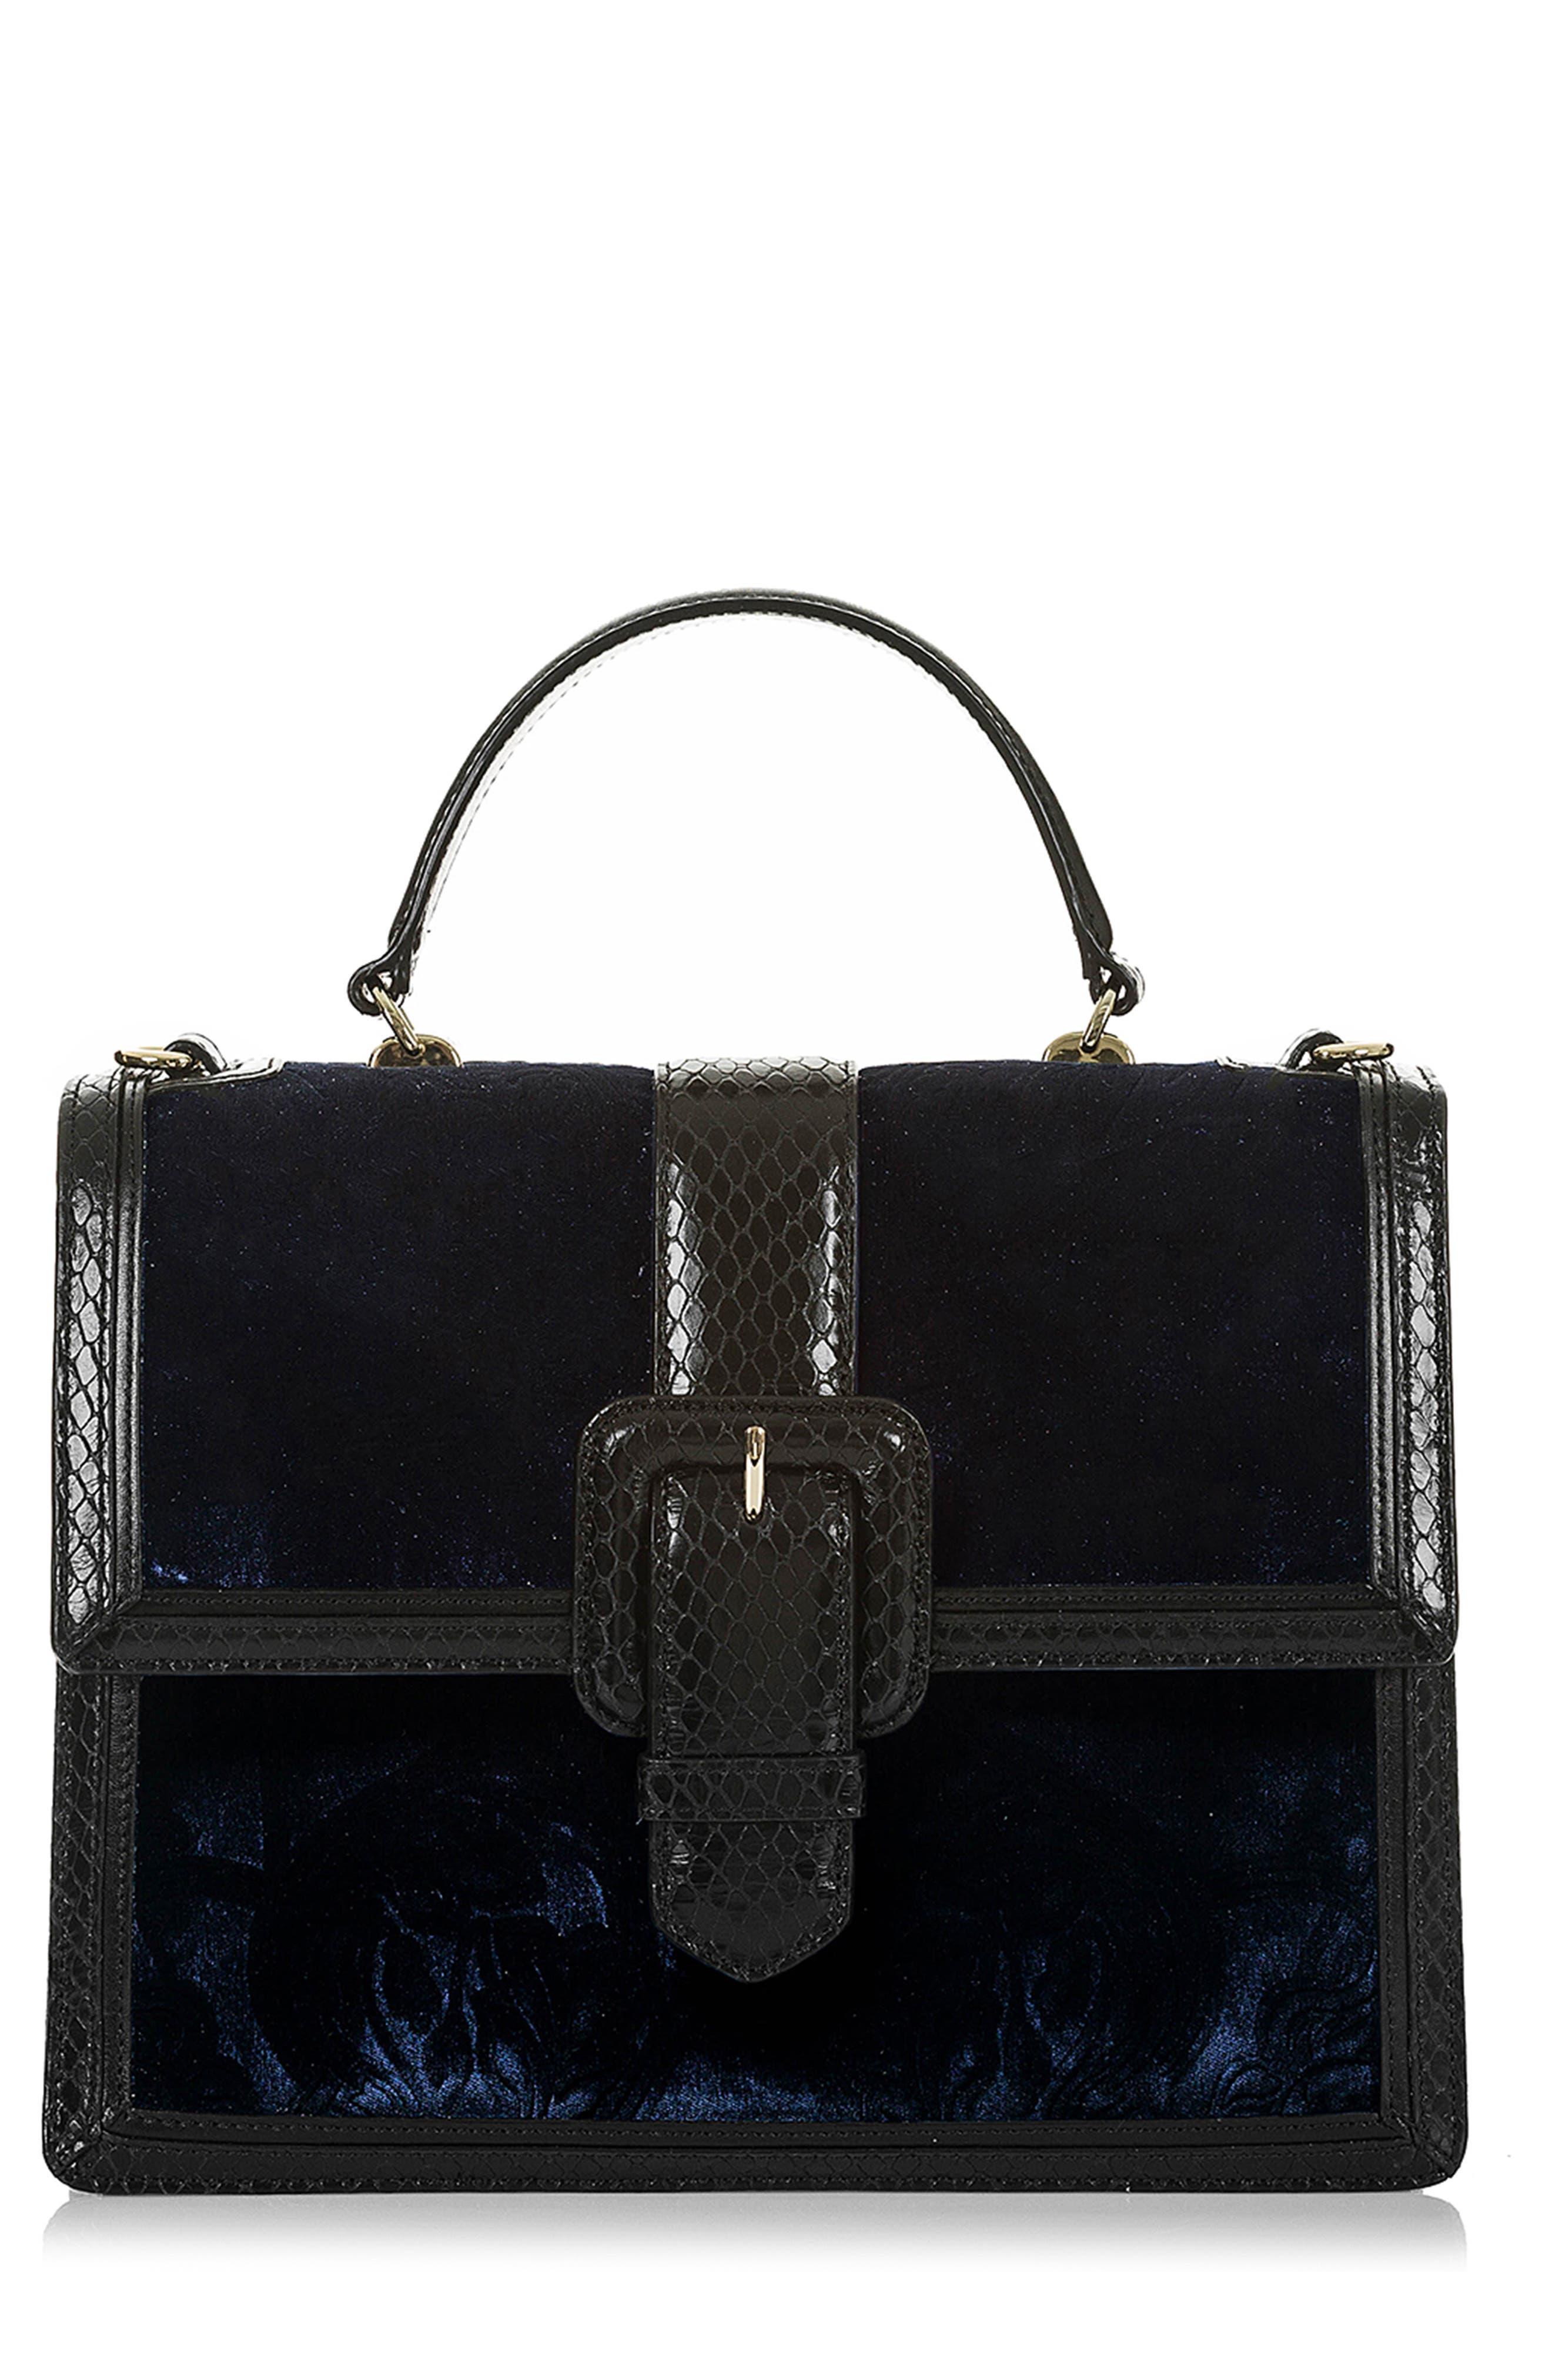 BRAHMIN, Medium Francine Snake Embossed Leather & Velvet Satchel, Main thumbnail 1, color, NAVY